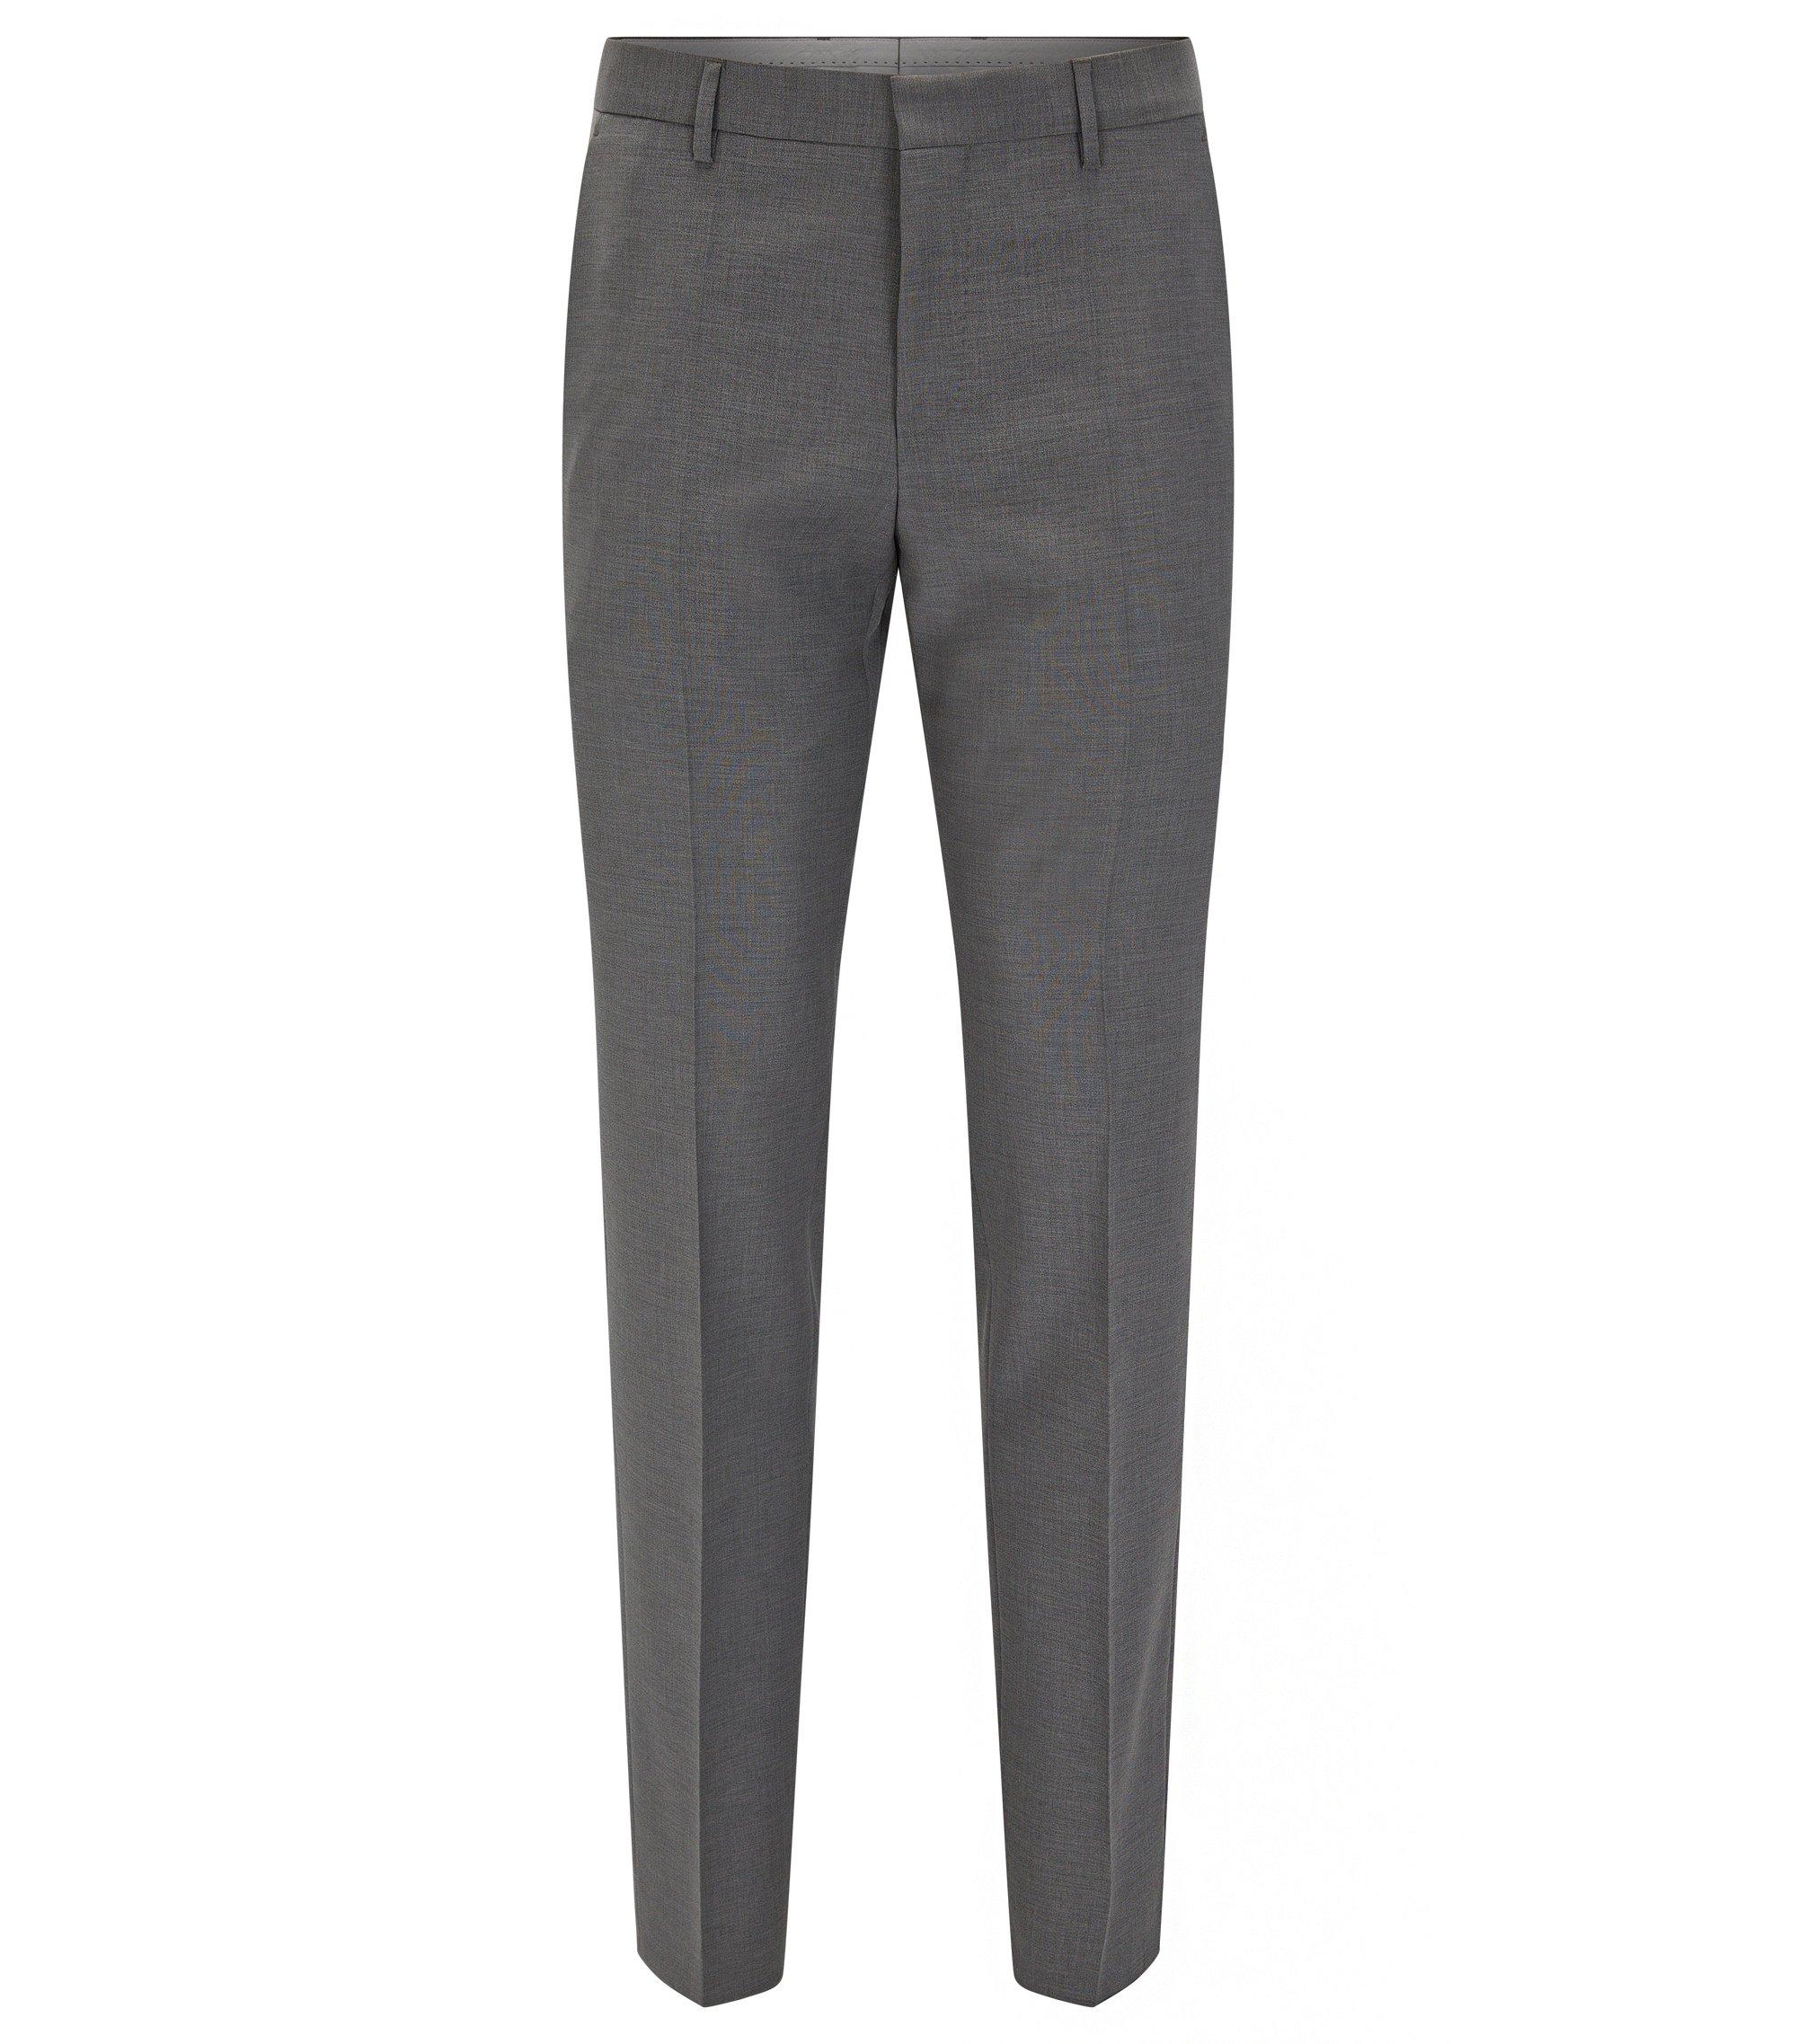 Virgin Wool Dress Pant, Slim Fit | Balte, Grey